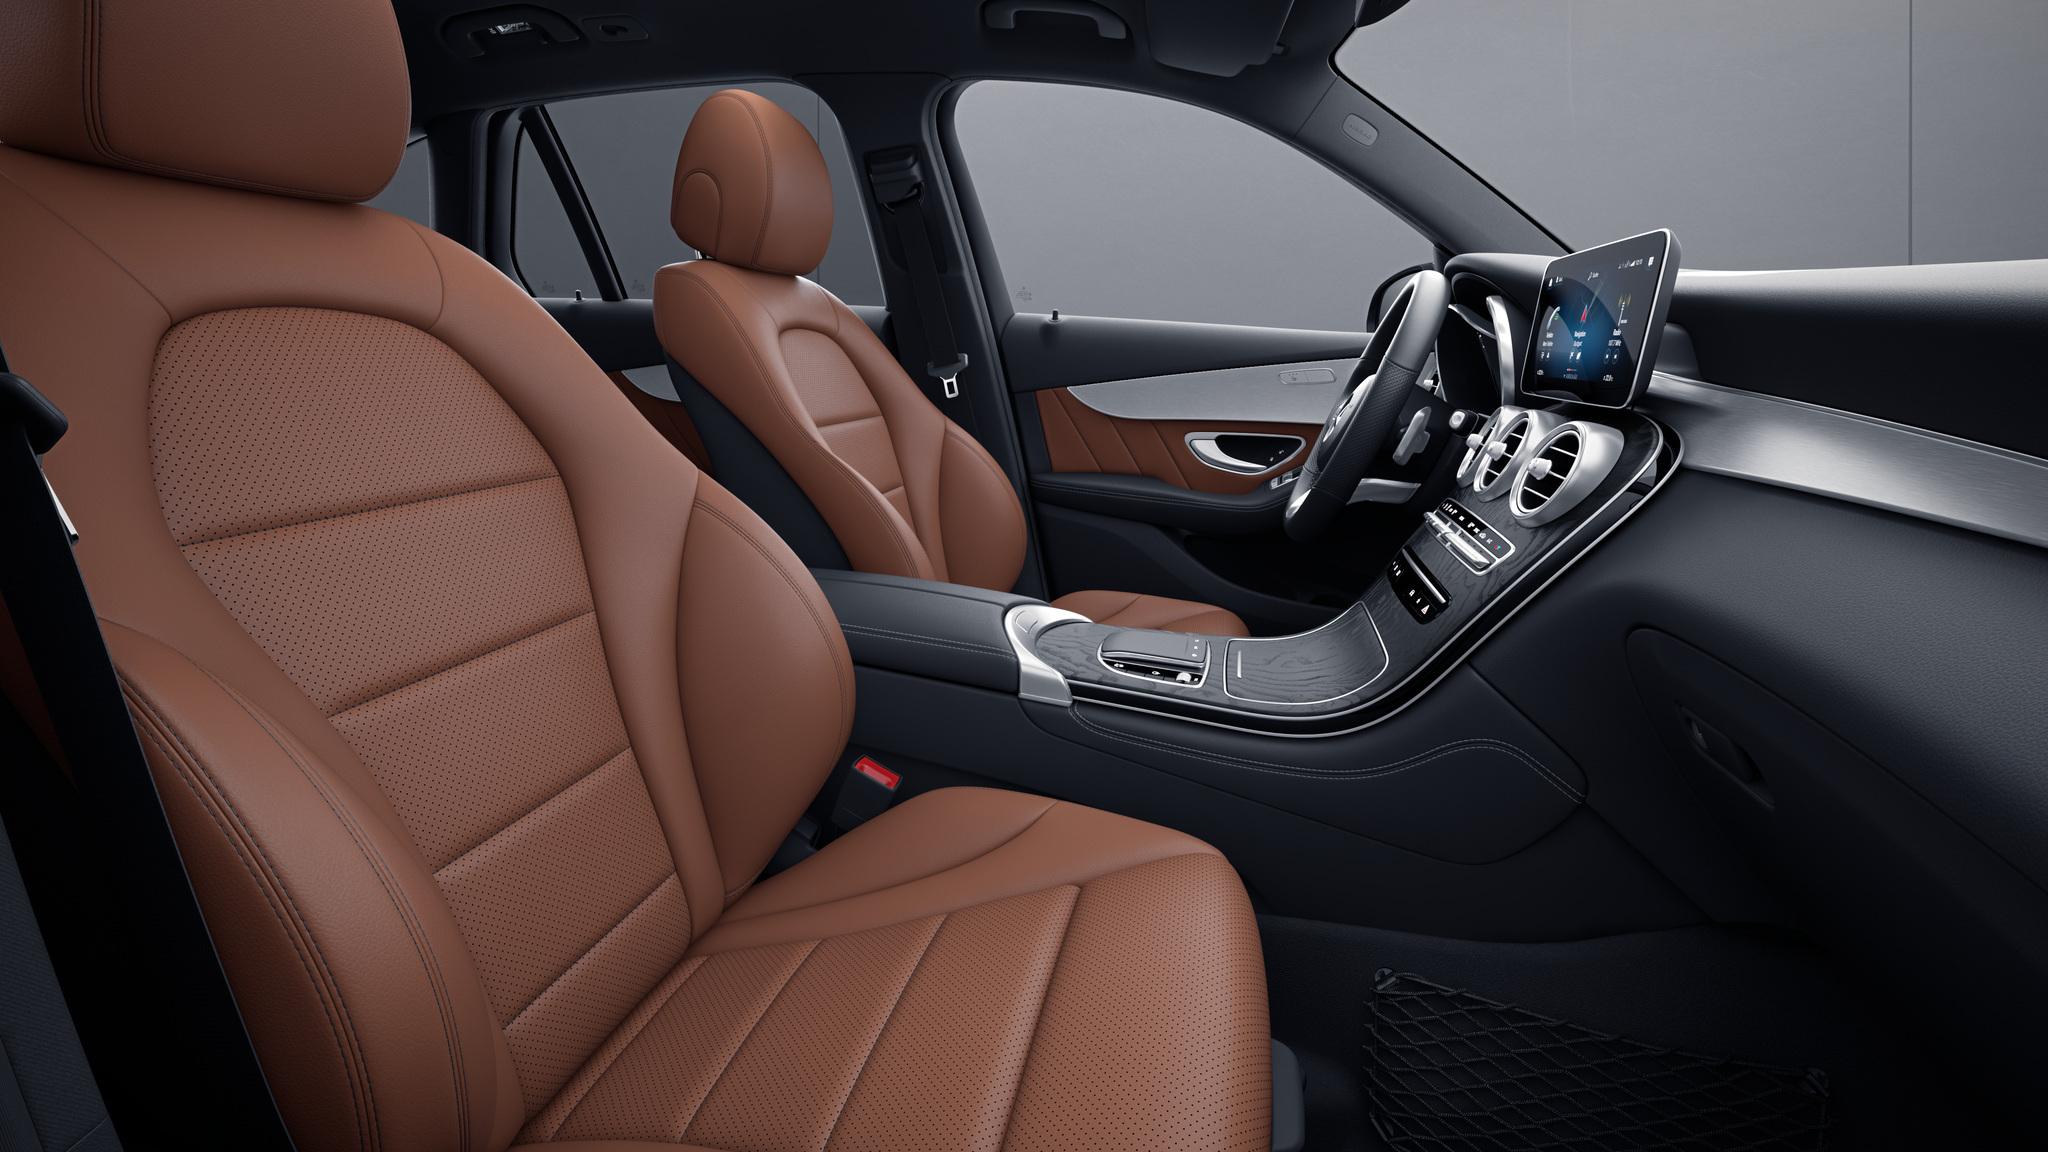 Habitacle de la Mercedes GLC Coupé avec une Sellerie Similicuir Artico - marron cuir noir